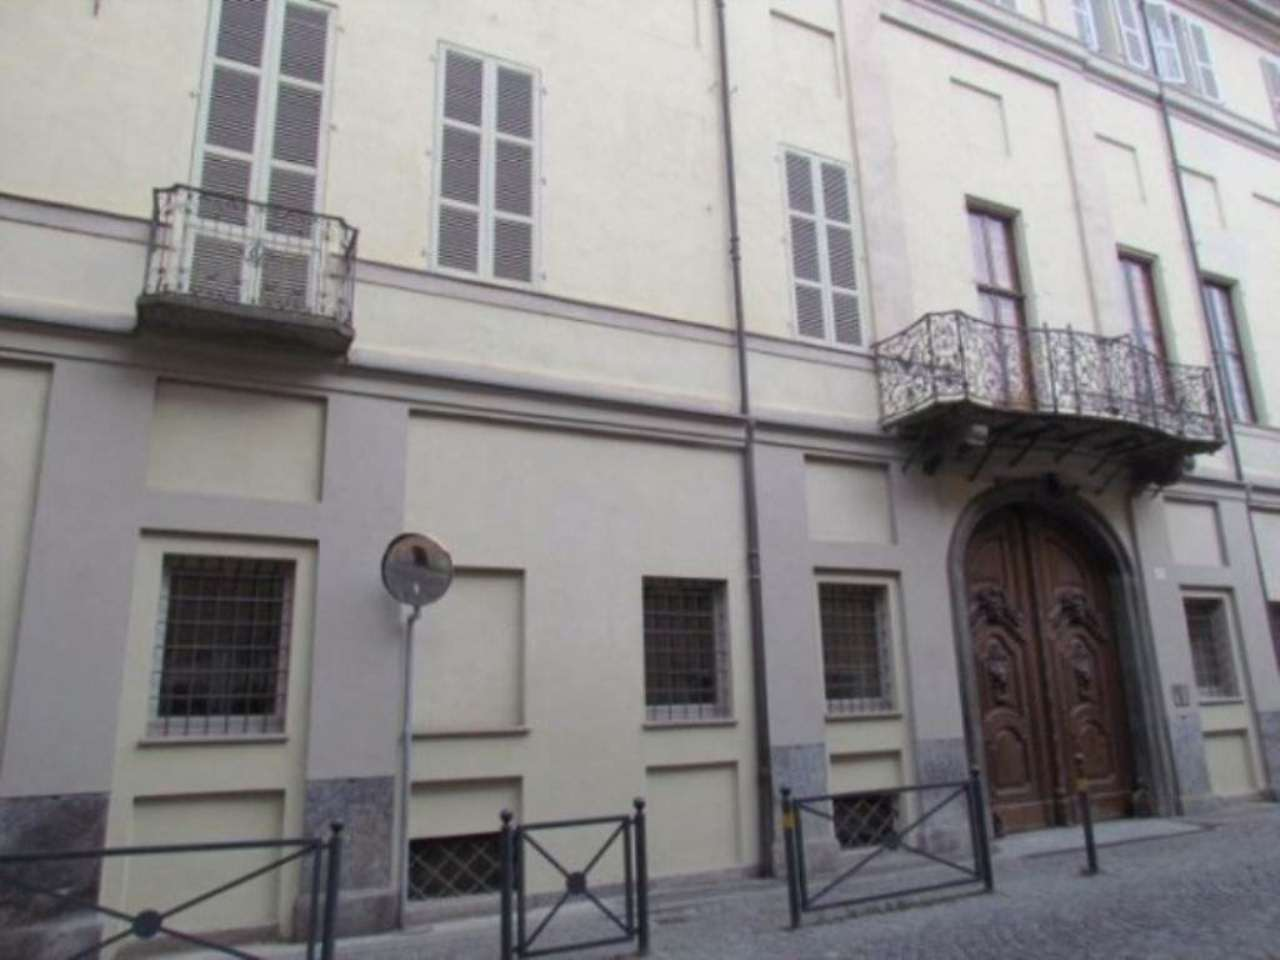 Ufficio / Studio in affitto a Savigliano, 6 locali, prezzo € 1.400 | Cambio Casa.it